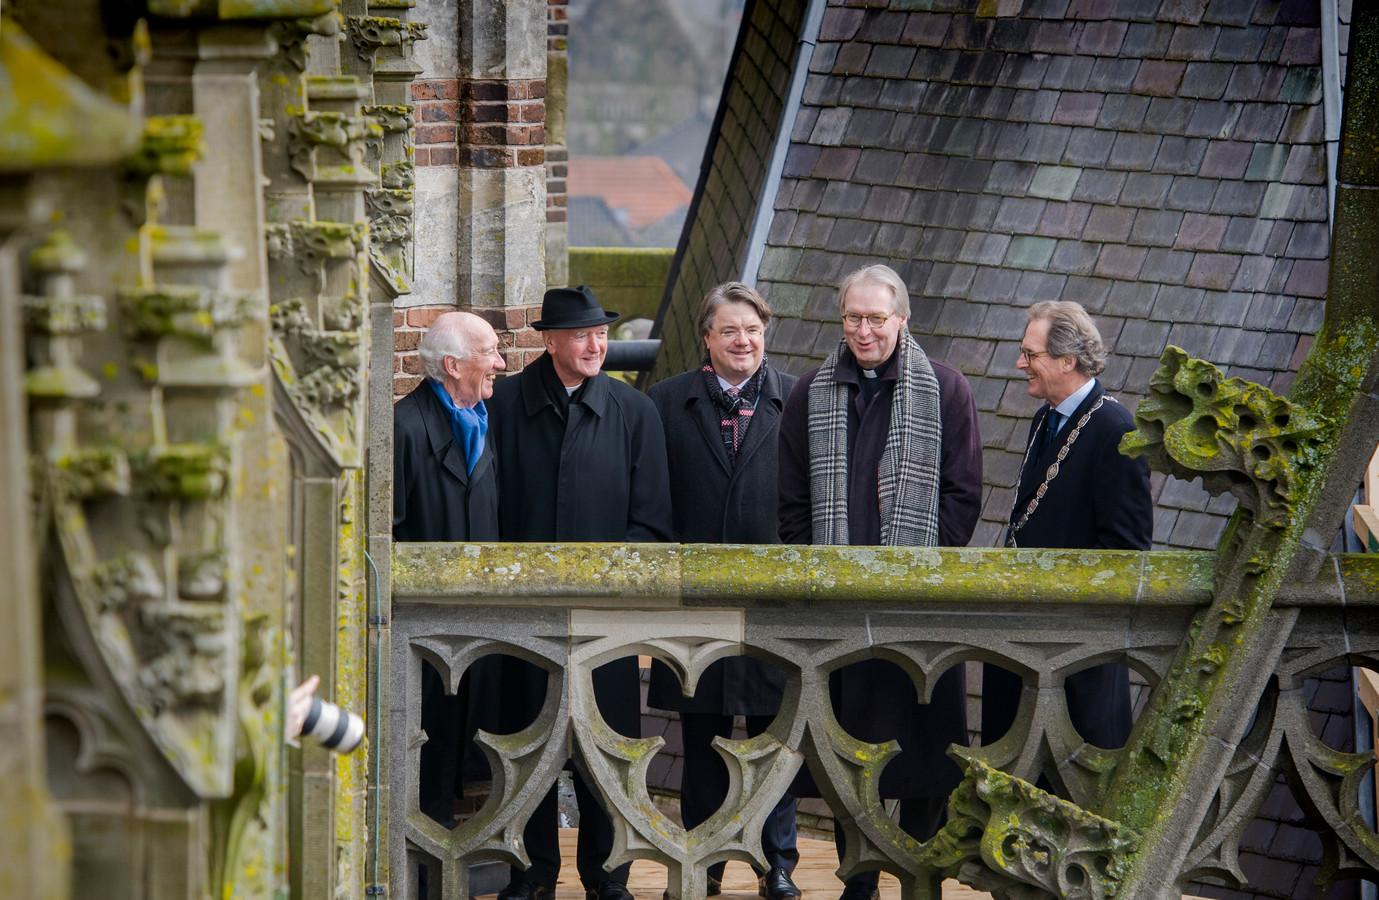 Bisschop Hurkmans, Commissaris van de koning Wim van de Donk, bisschop Gerard de Korte en burgemeester Ton Rombouts op de Sint-Jan na de aanstelling van De Korte in 2016.